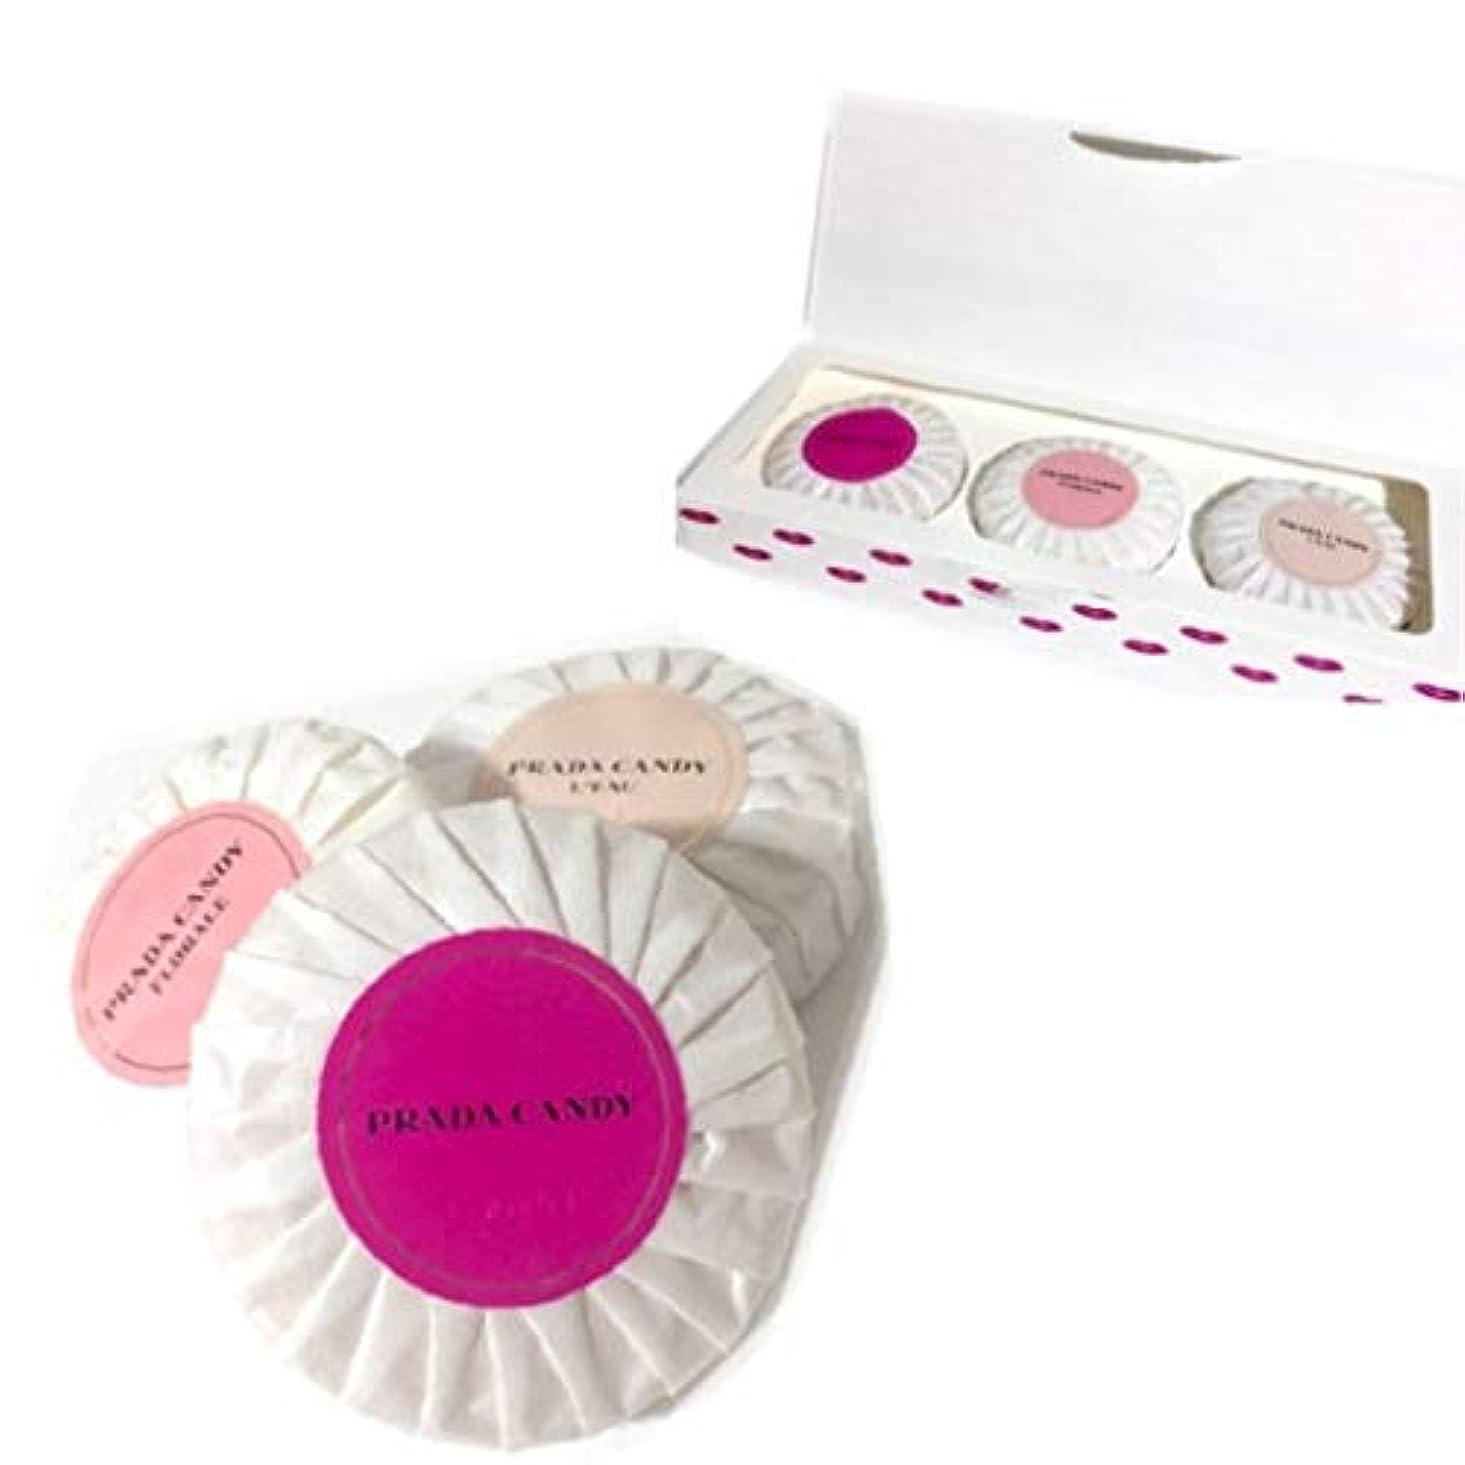 低い連合血まみれプラダ ソープセット キャンディ フロラーレ ロー 石鹸 ボディソープ 3個セット コフレ PRADA